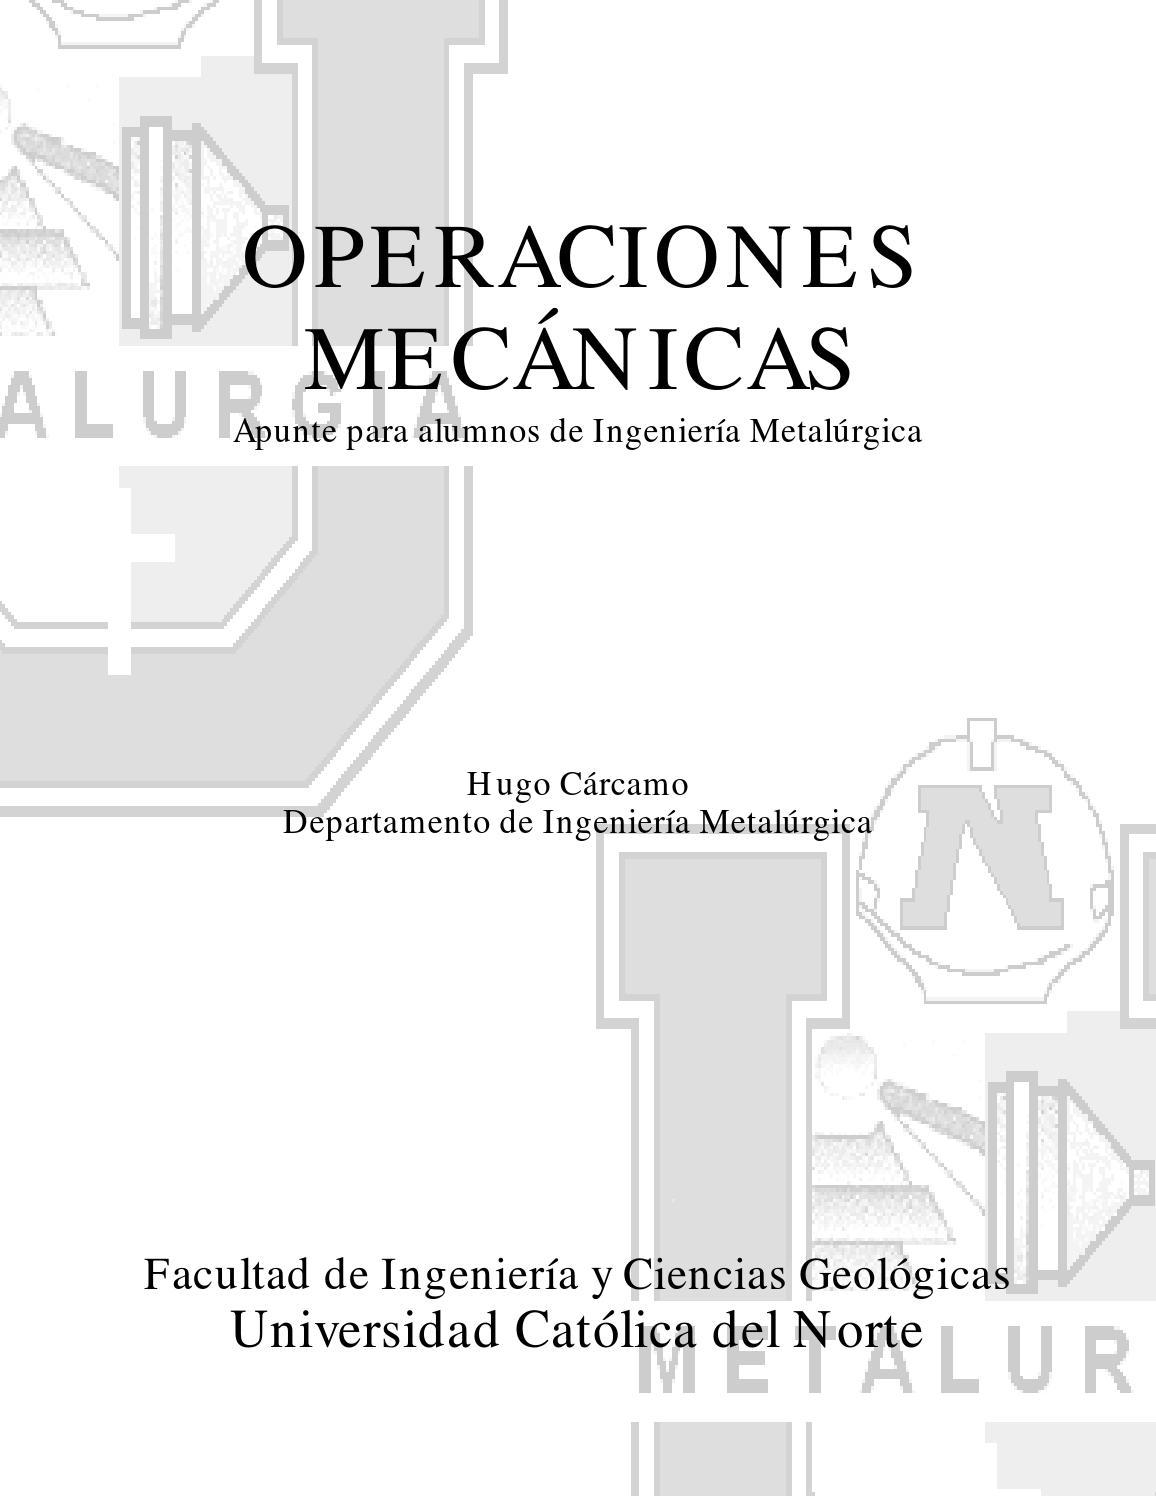 44183487 operaciones mecanicas metalurgia by Leonardo Horna - issuu